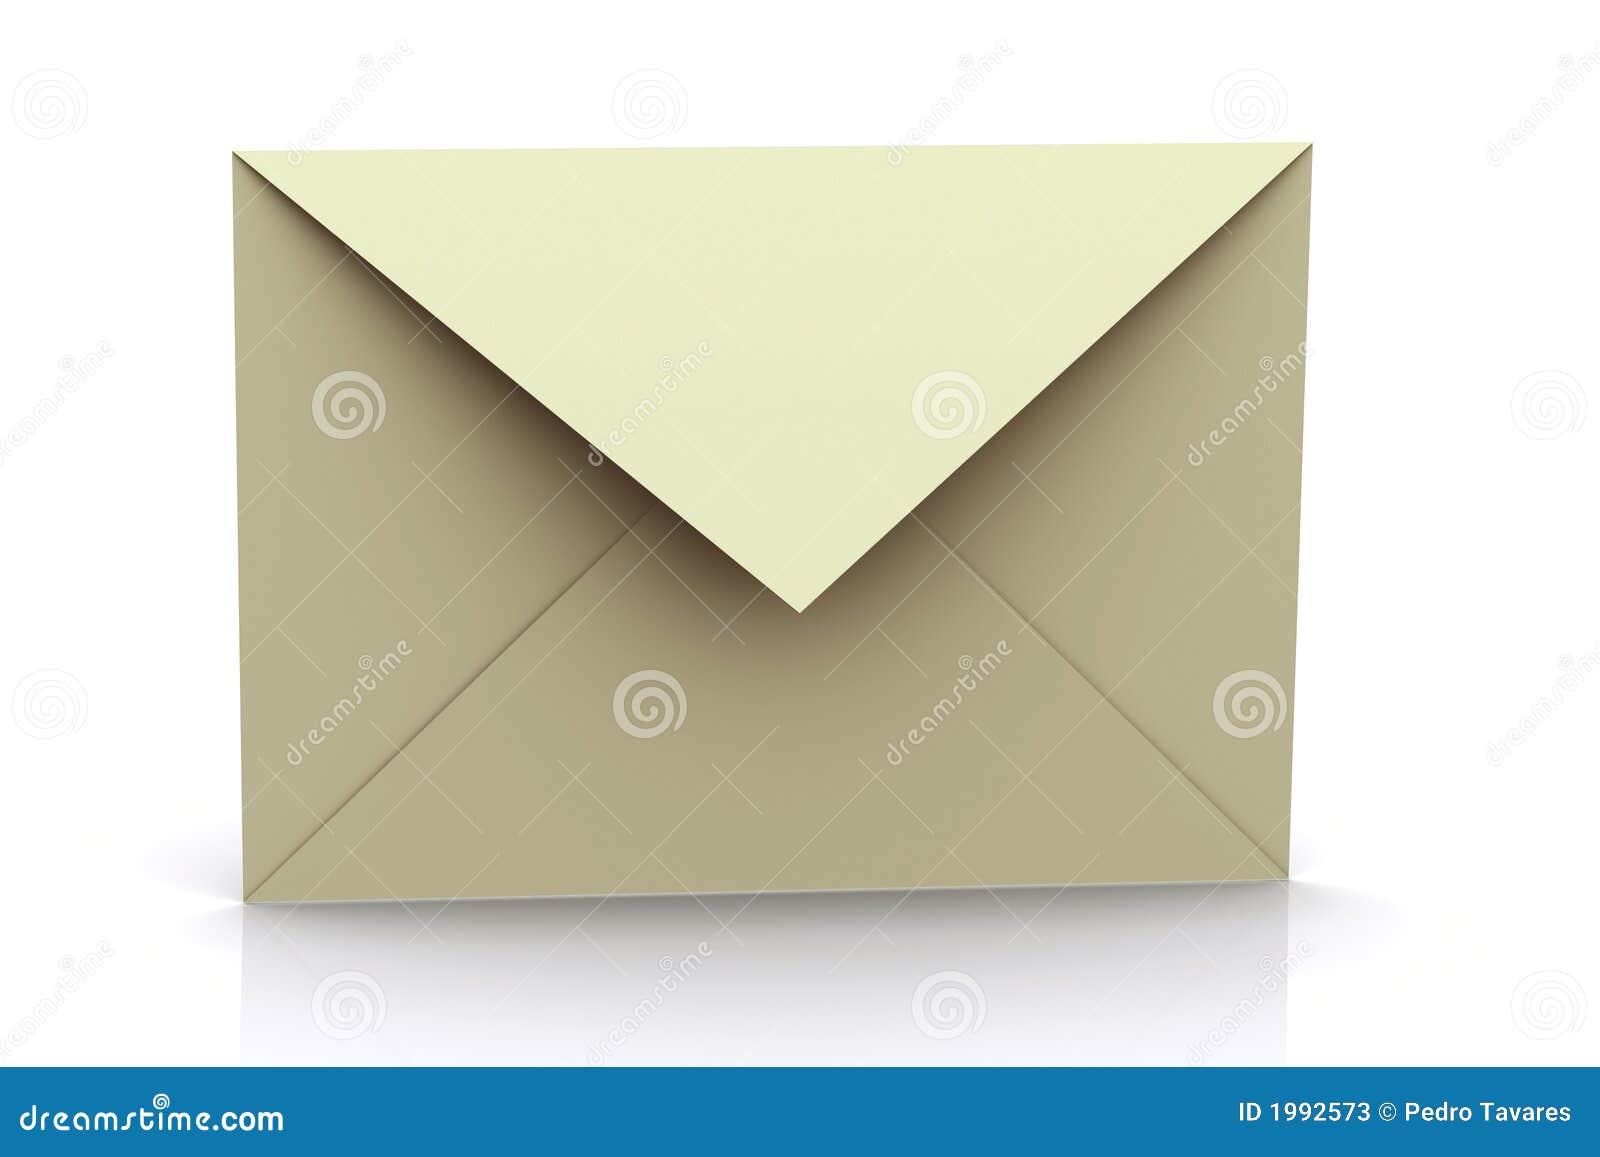 3d Rendered Envelope